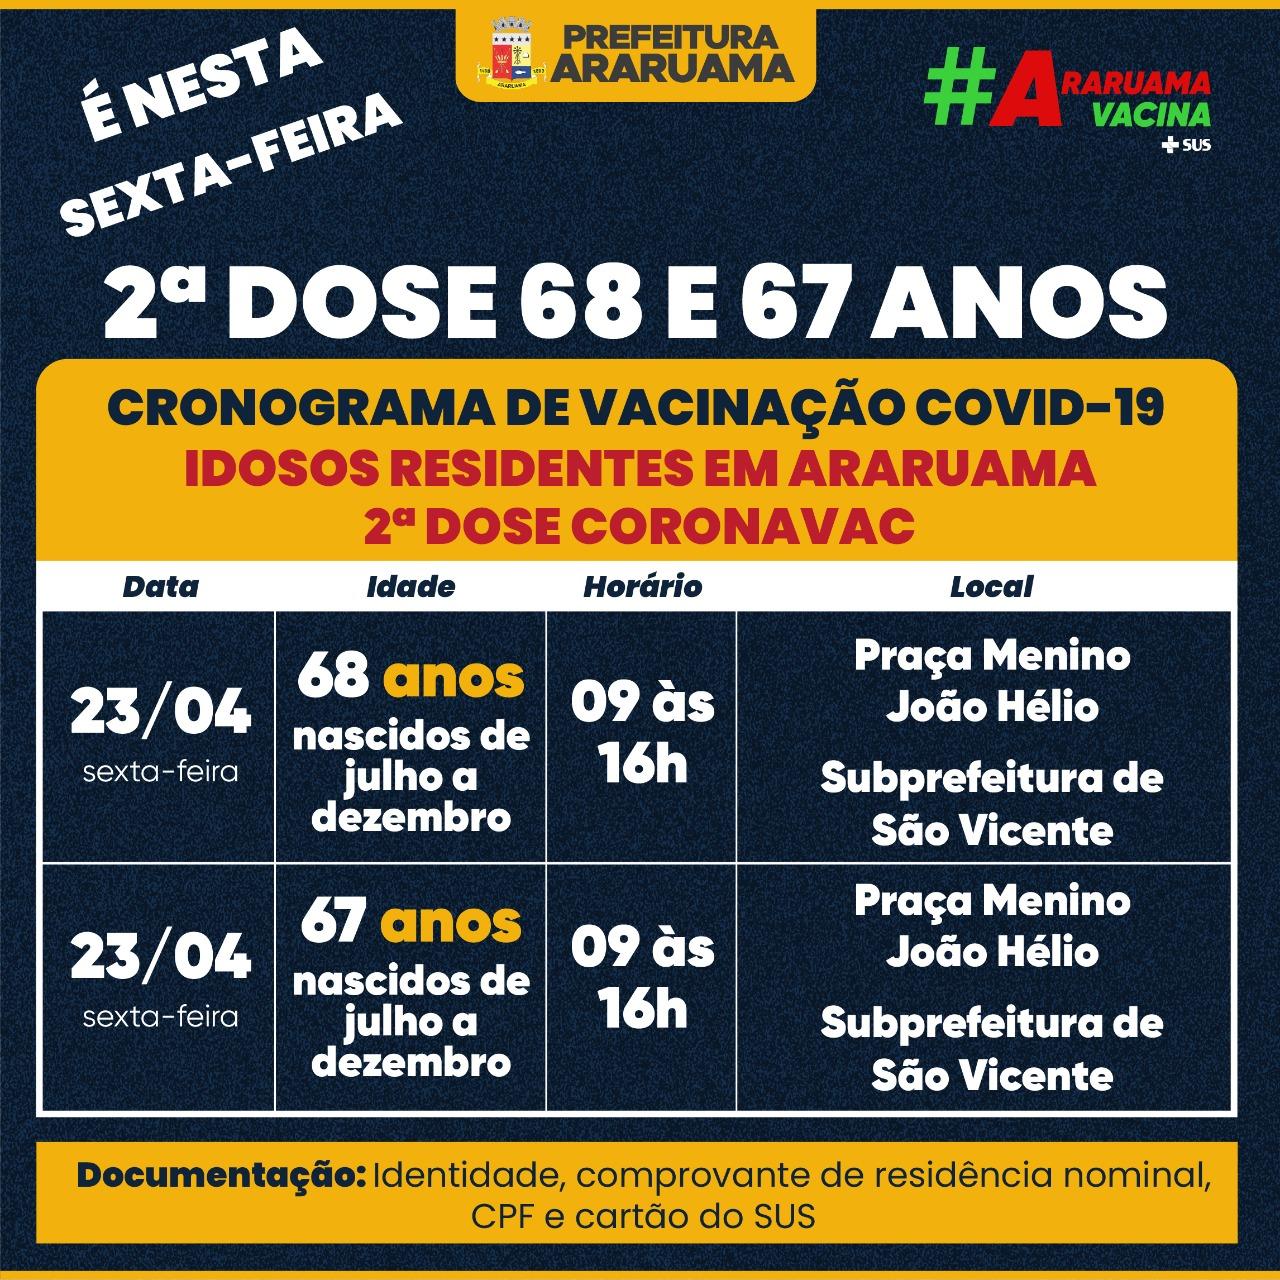 Calendário de vacinação da segunda dose da Coronavac para essa sexta-feira, 23